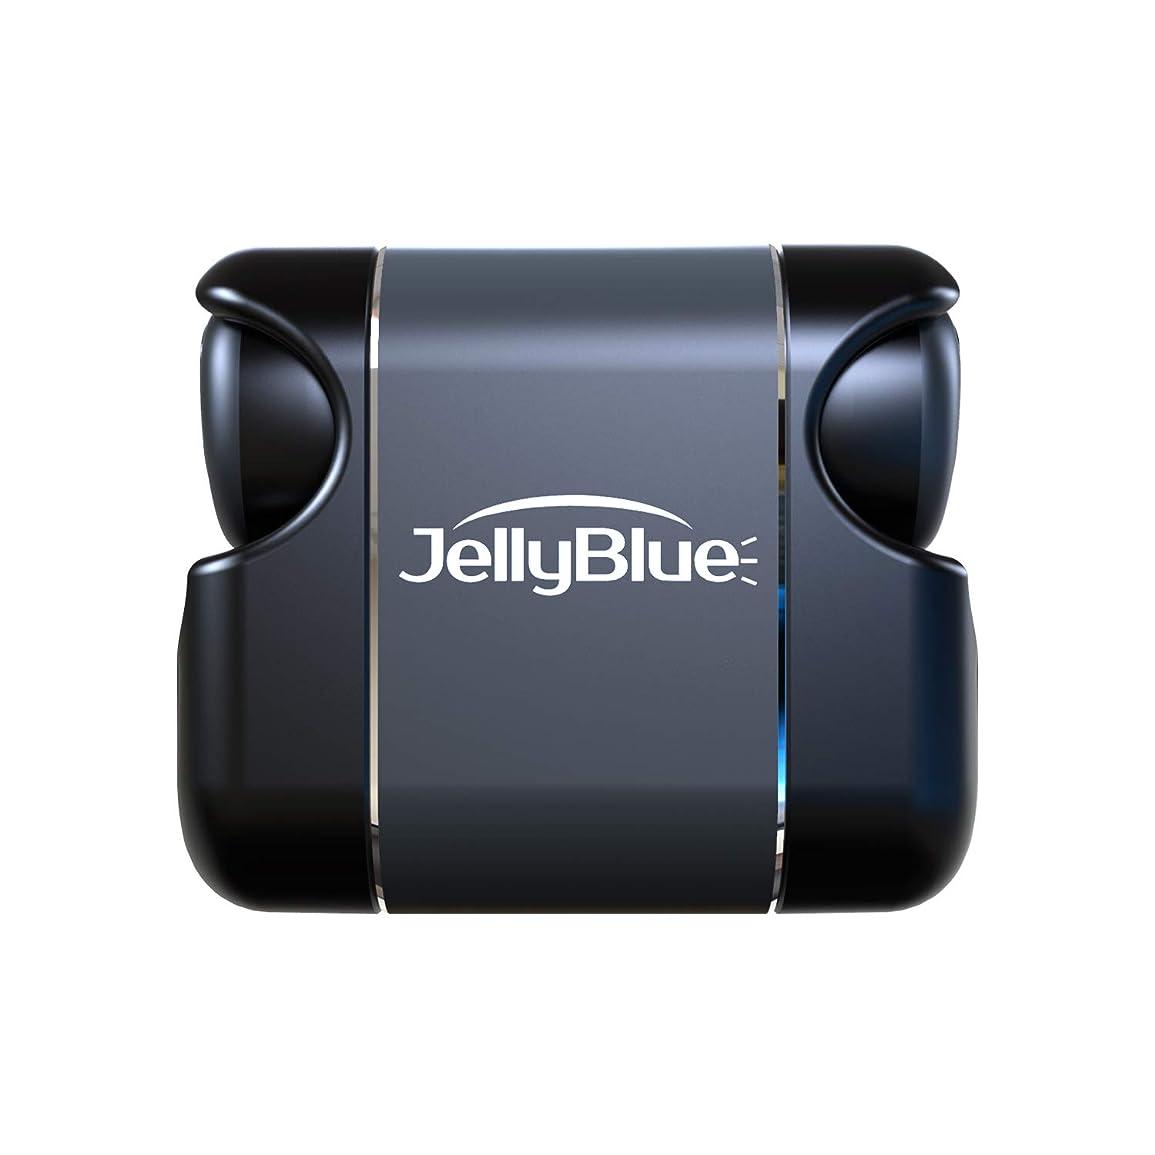 科学貢献する改革Bluetooth イヤホン 超軽量 高音質 手軽に持ち運べます IPX5防水 JellyBlue LT39 完全ワイヤレス イヤホン Siri/Googleアシスタント対応 自動ON/OFF 両耳通話 左右分離型 AAC対応 2台同時接続